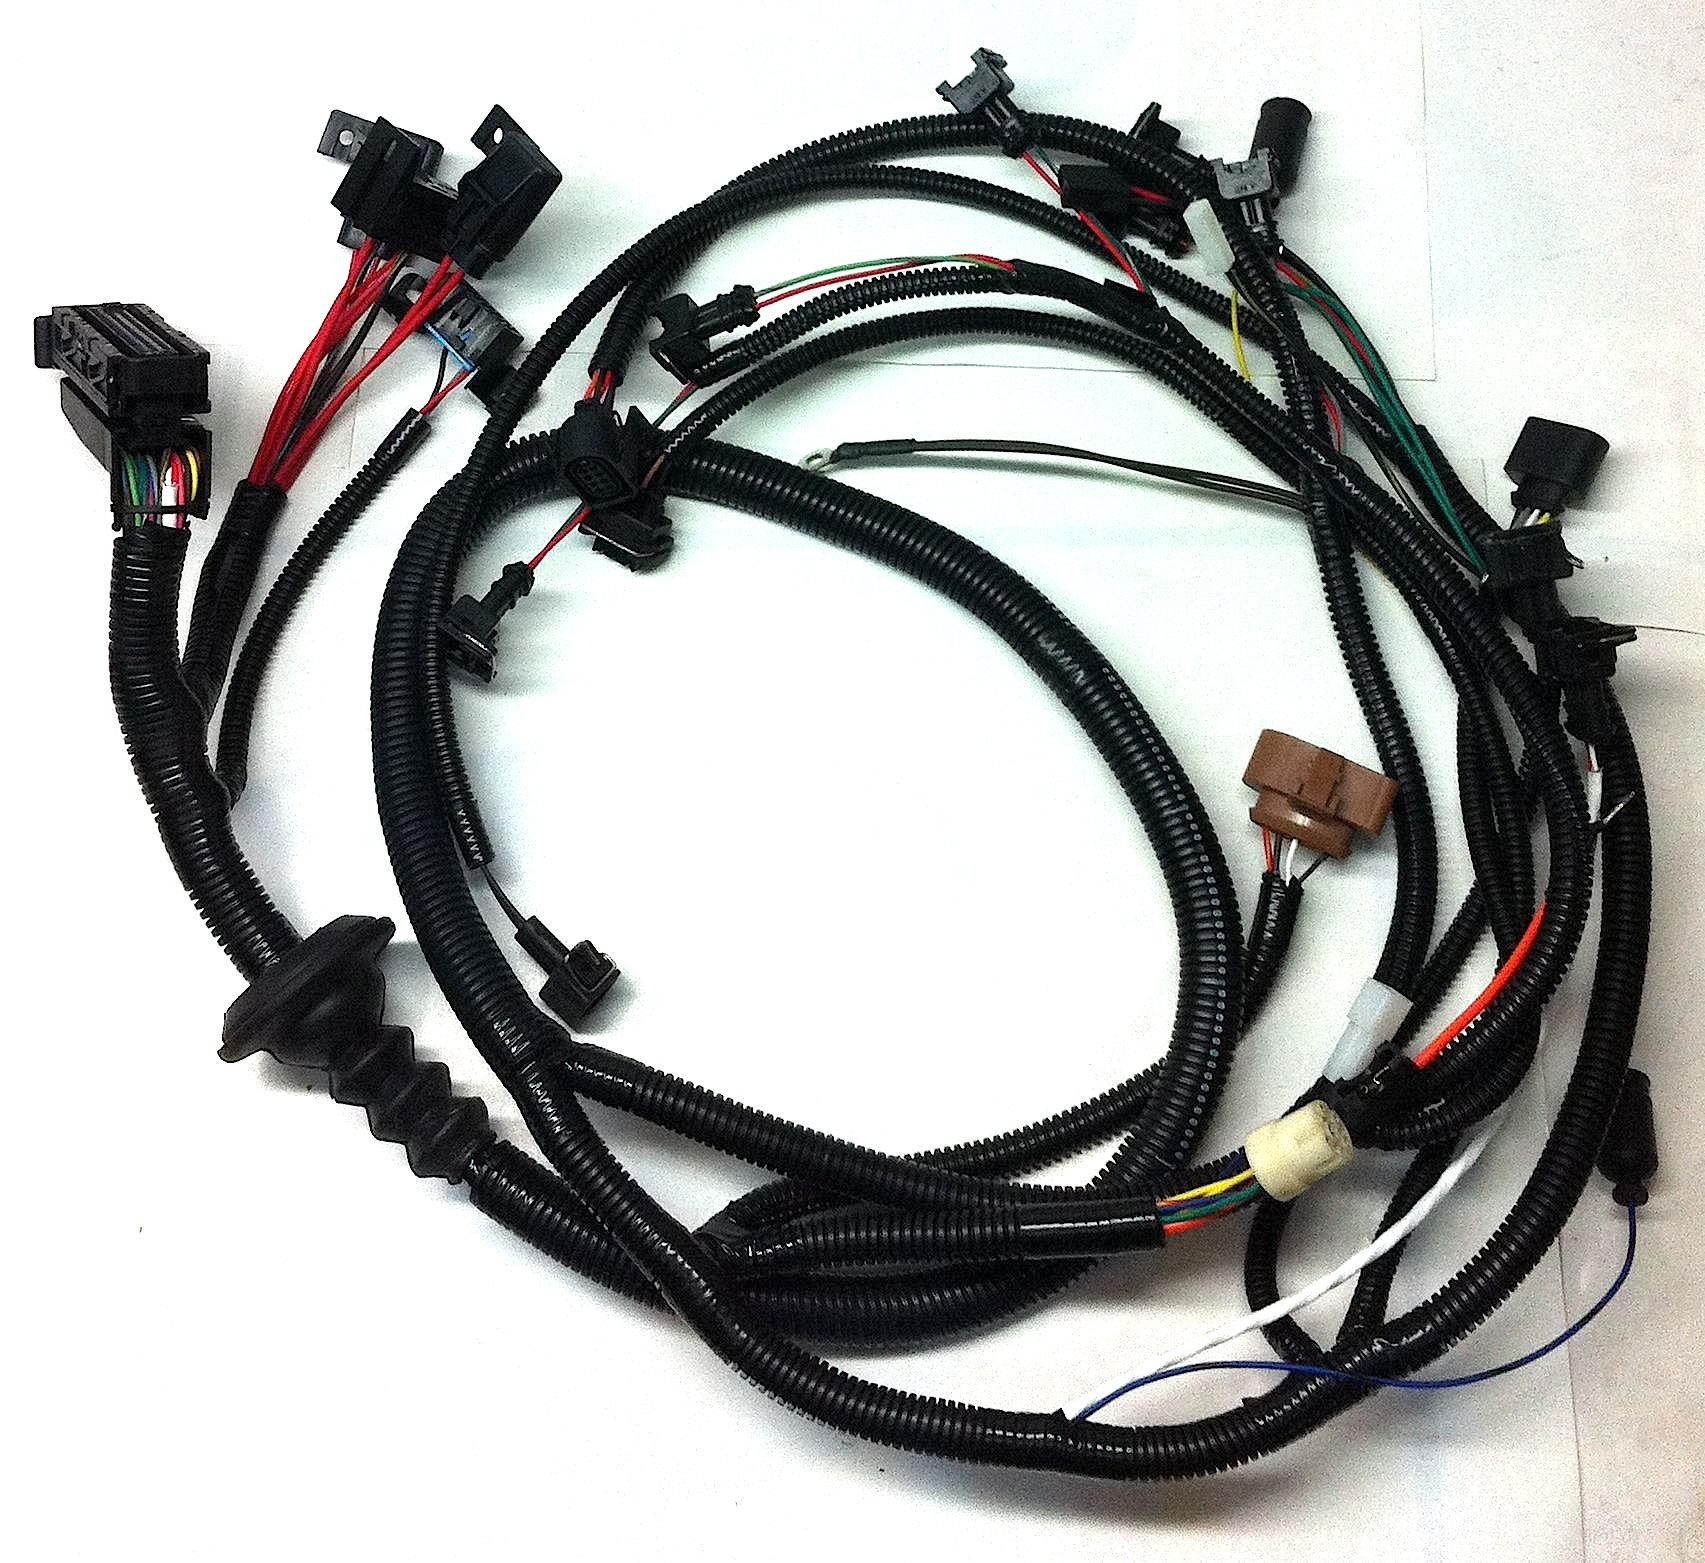 hight resolution of whirlpool washing machine wiring harness top load washing machine wiring harness